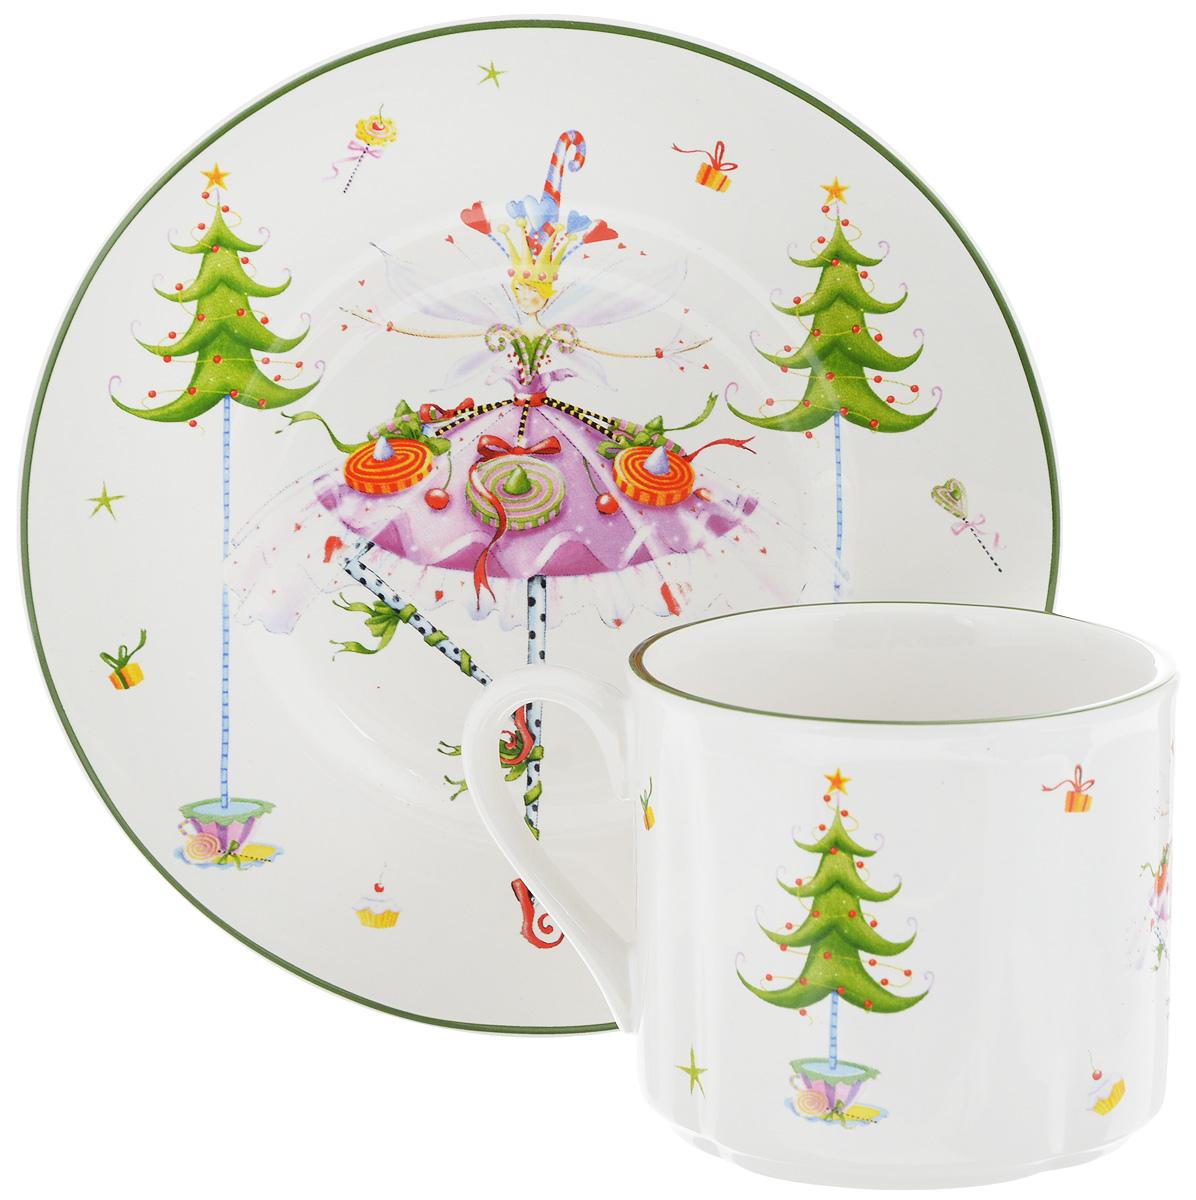 Чайная пара Azulejo Espanol Ceramica Dancing Lady, 2 предмета216749-1522..Чайная пара Azulejo Espanol Ceramica Dancing Lady состоит из чашки и блюдца, изготовленных из высококачественной керамики. Изделия оформлены в классическом стиле и имеют изысканный внешний вид.Такой набор прекрасно дополнит сервировку стола к чаепитию и подчеркнет ваш безупречный вкус.Чайная пара Azulejo Espanol Ceramica Dancing Lady - это прекрасный подарок к любому случаю. Объем чашки: 250 мл.Диаметр чашки (по верхнему краю): 8 см.Высота чашки: 7 см.Диаметр блюдца: 16,2 см.Высота блюдца: 1,7 см.Не рекомендуется использовать в микроволновой печи и мыть в посудомоечной машине.